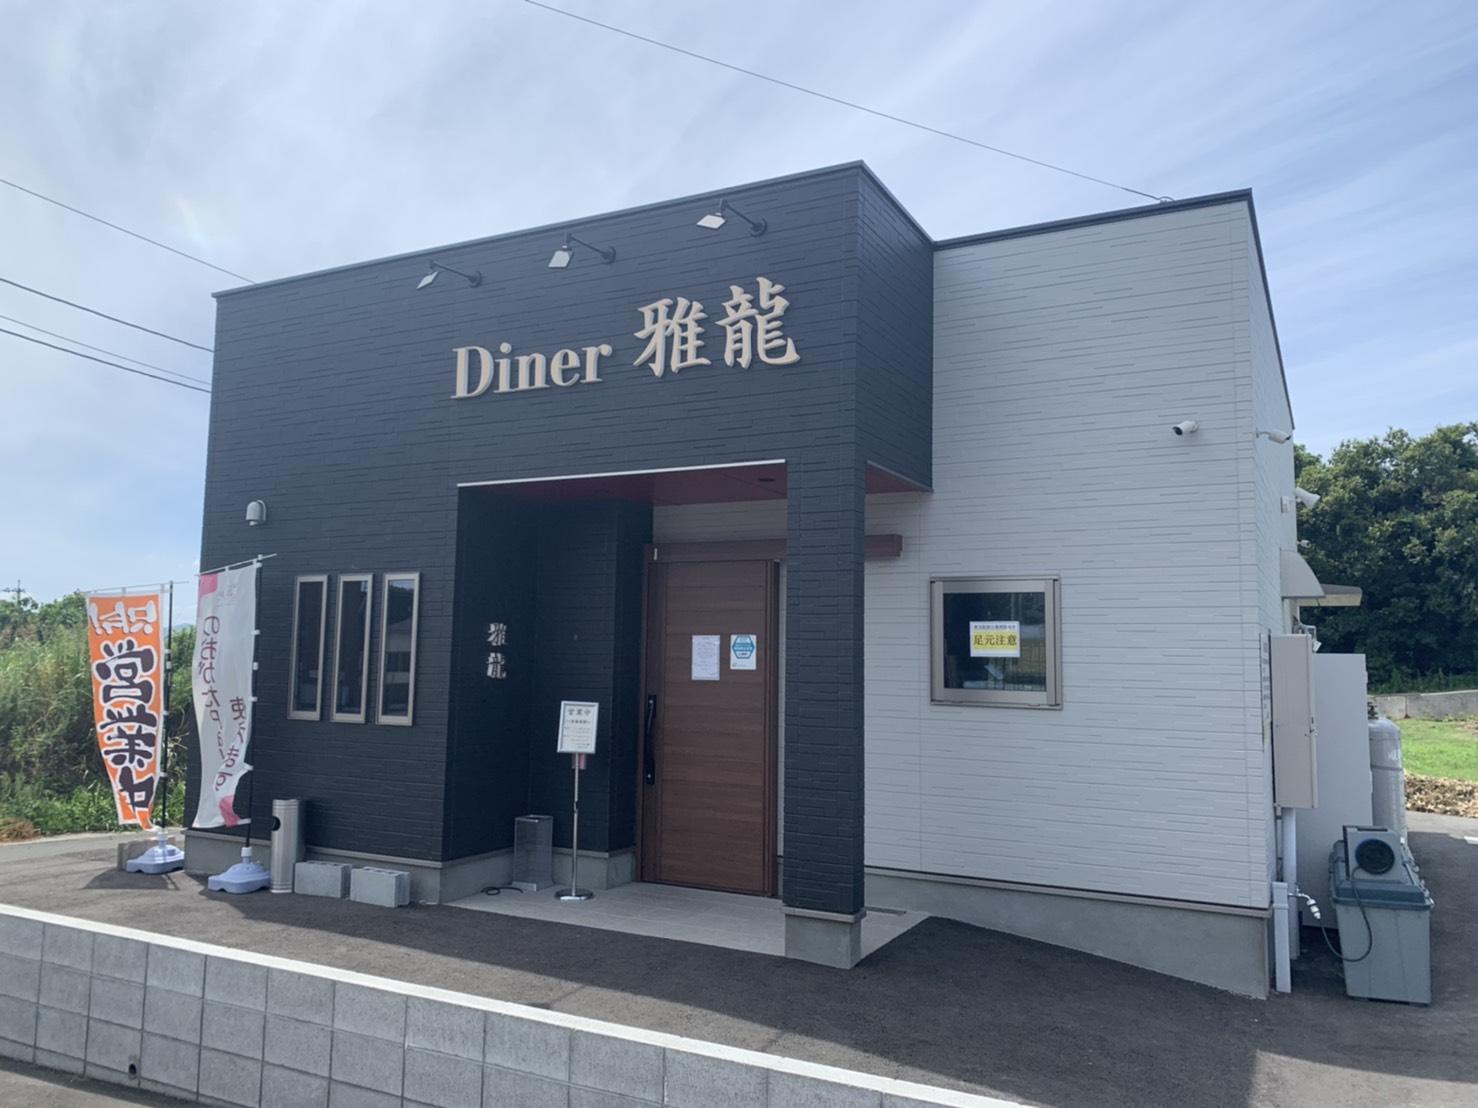 直方市 の食の幸を味わう Diner 雅龍